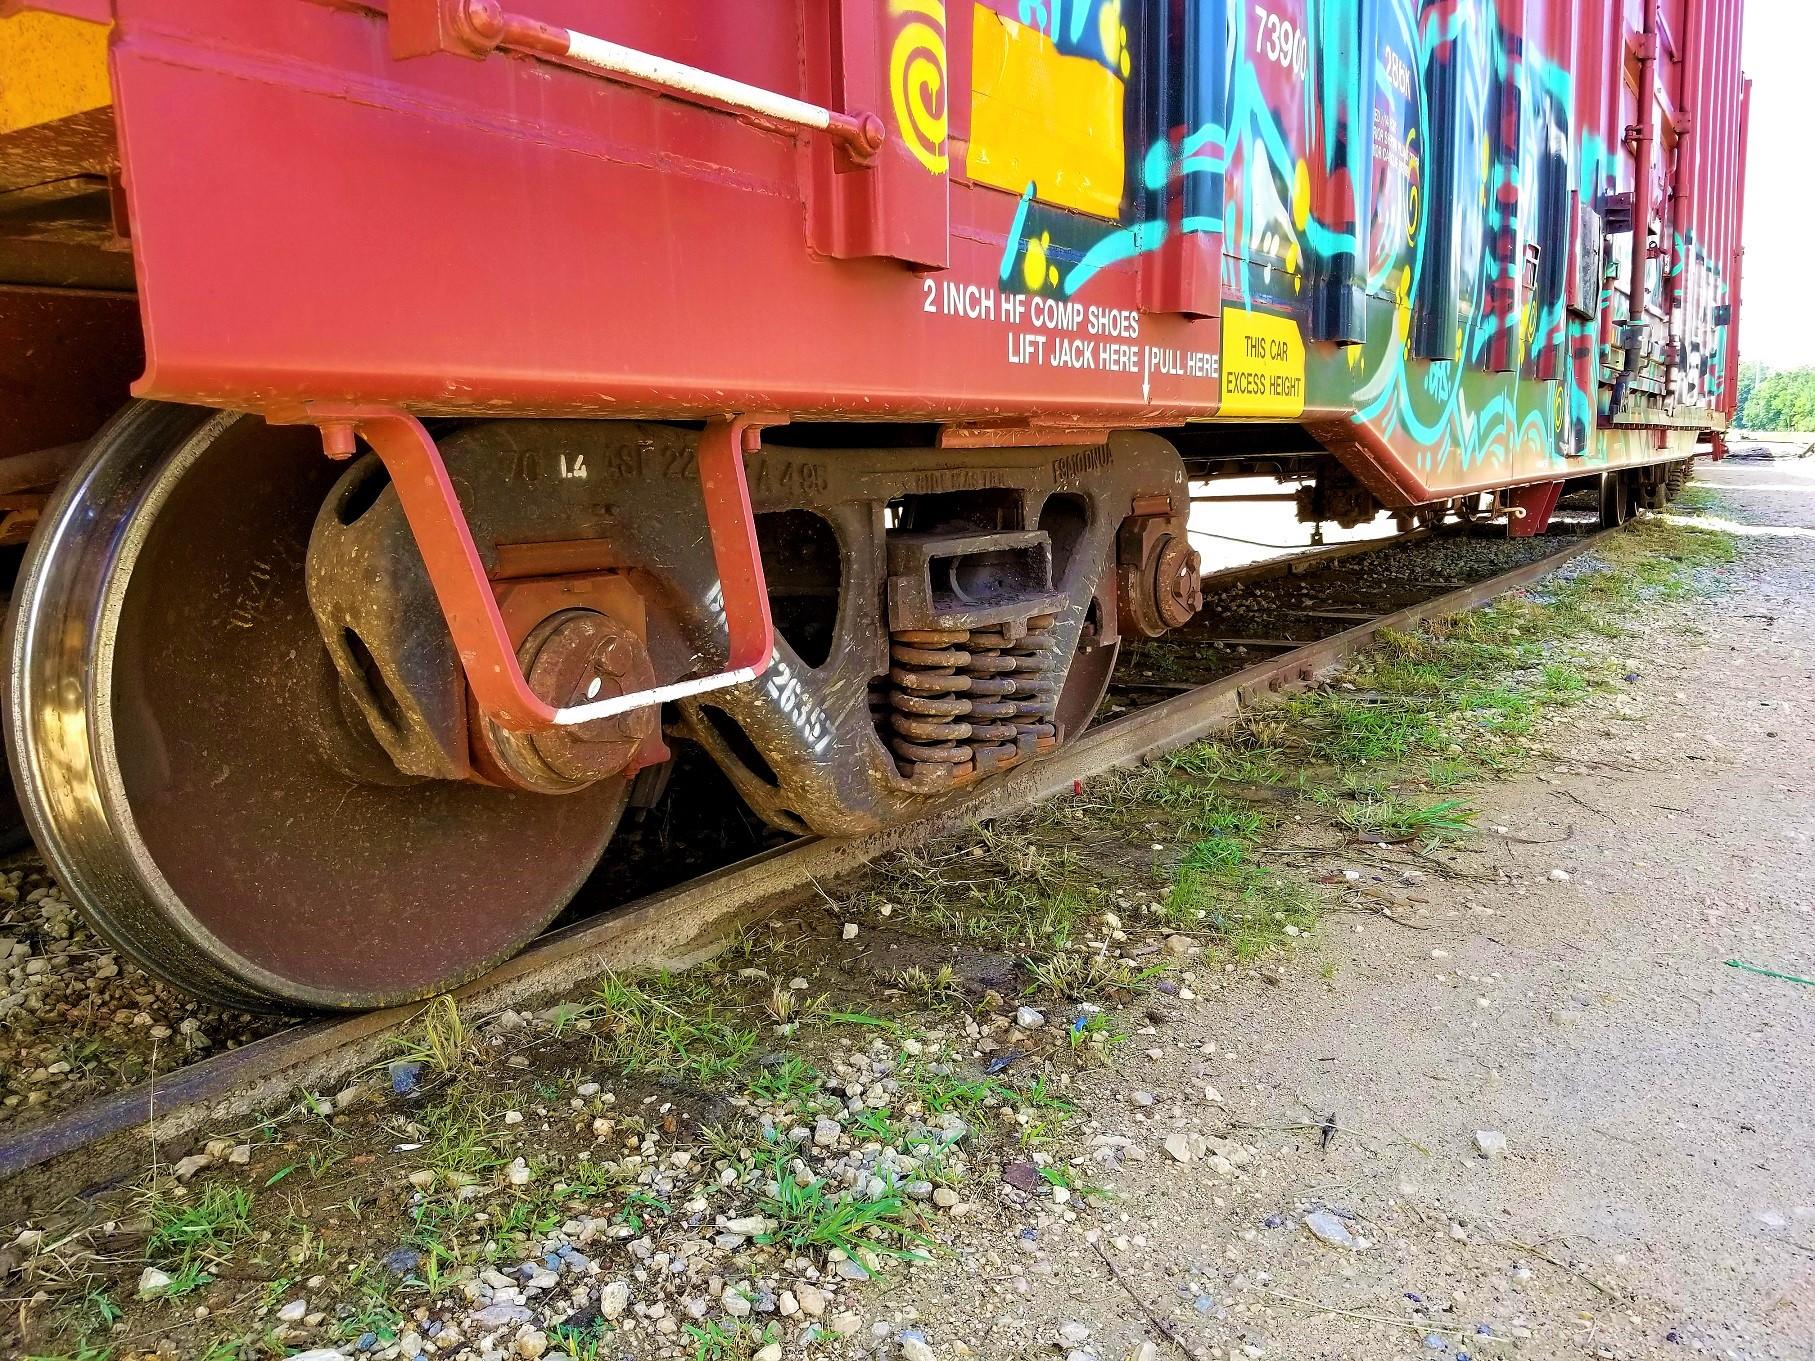 Strozier Railcar Services image 9